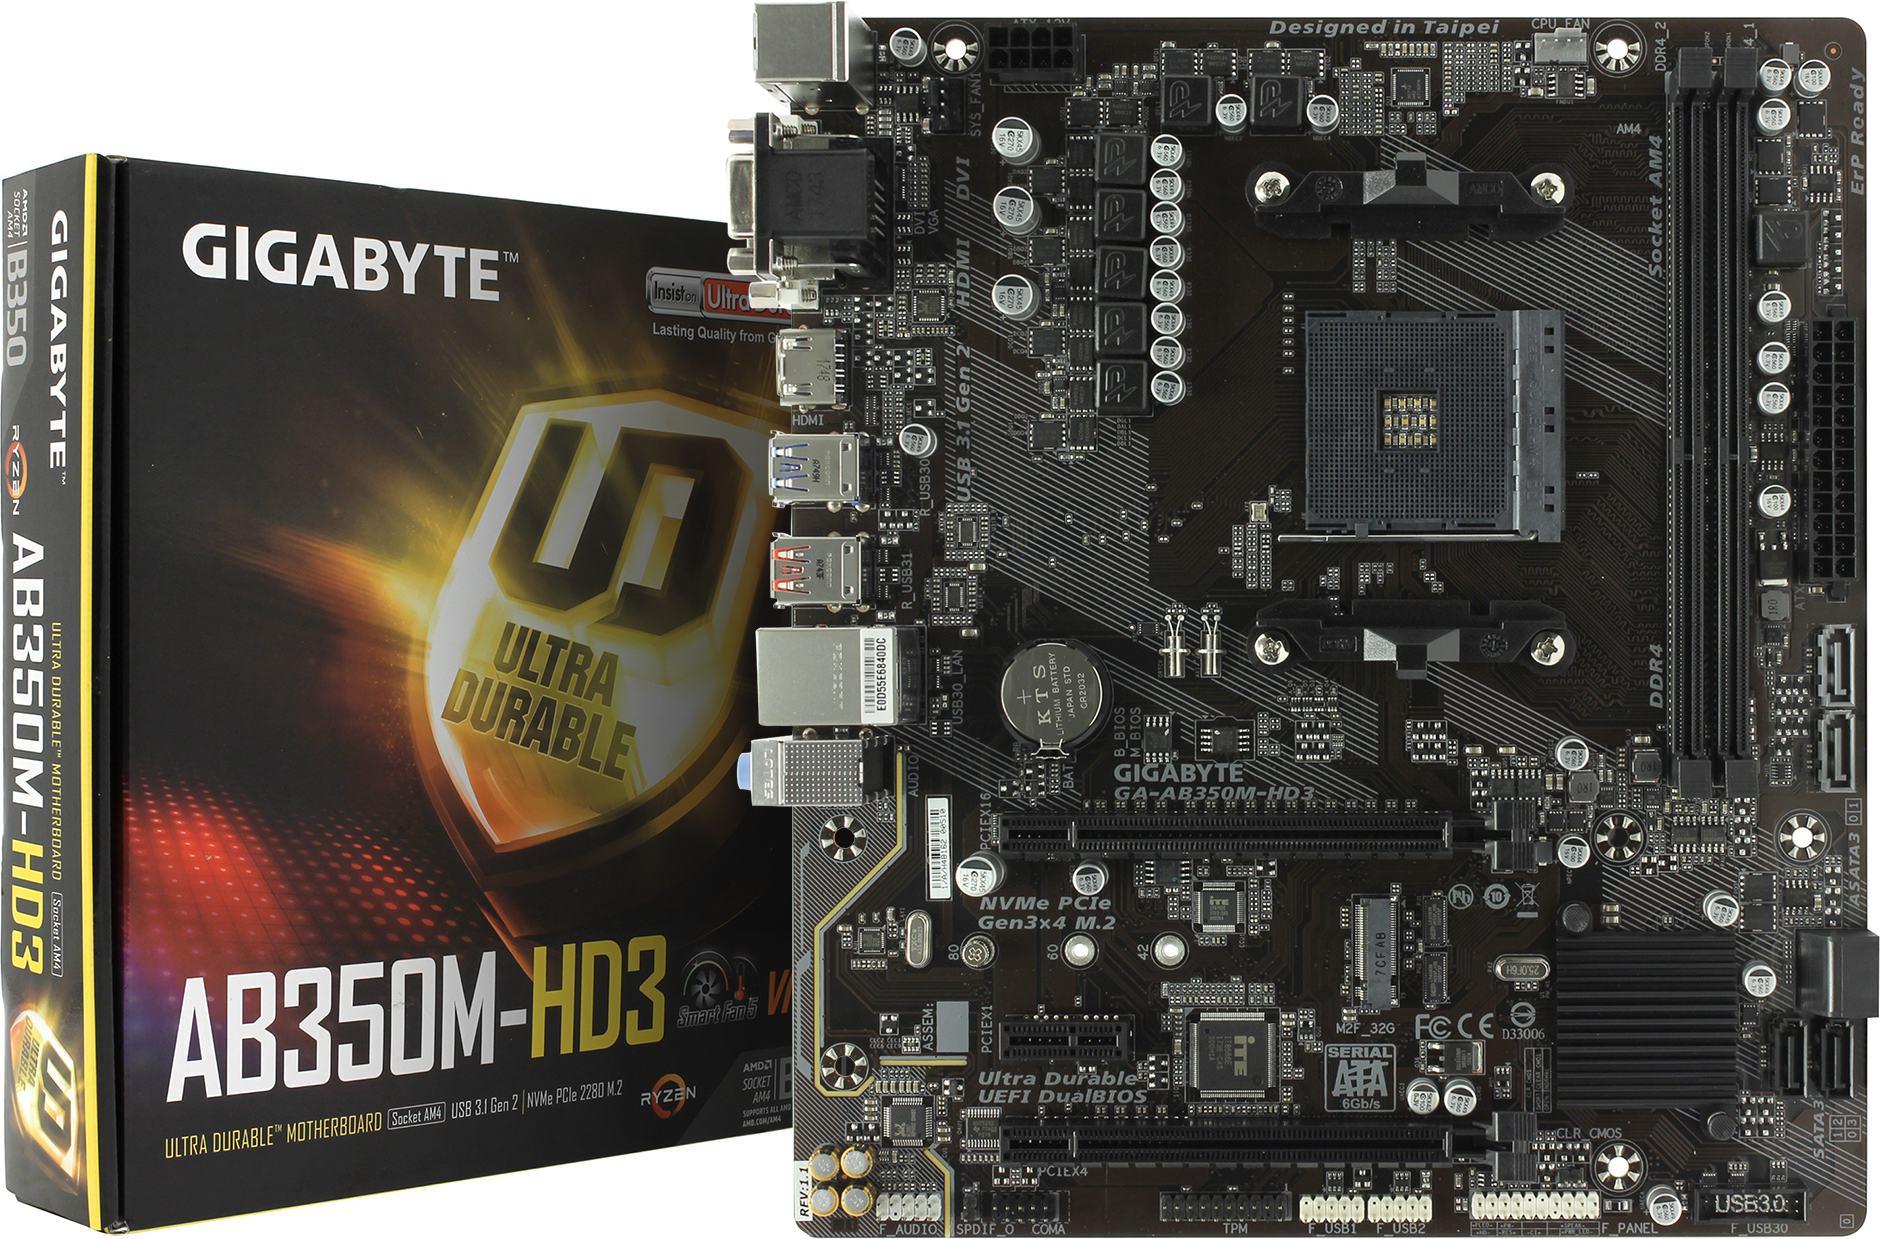 Материнская пРата GIGABYTE GA AB350M HD3 rev1 1 — купить цена и характеристики отзывы